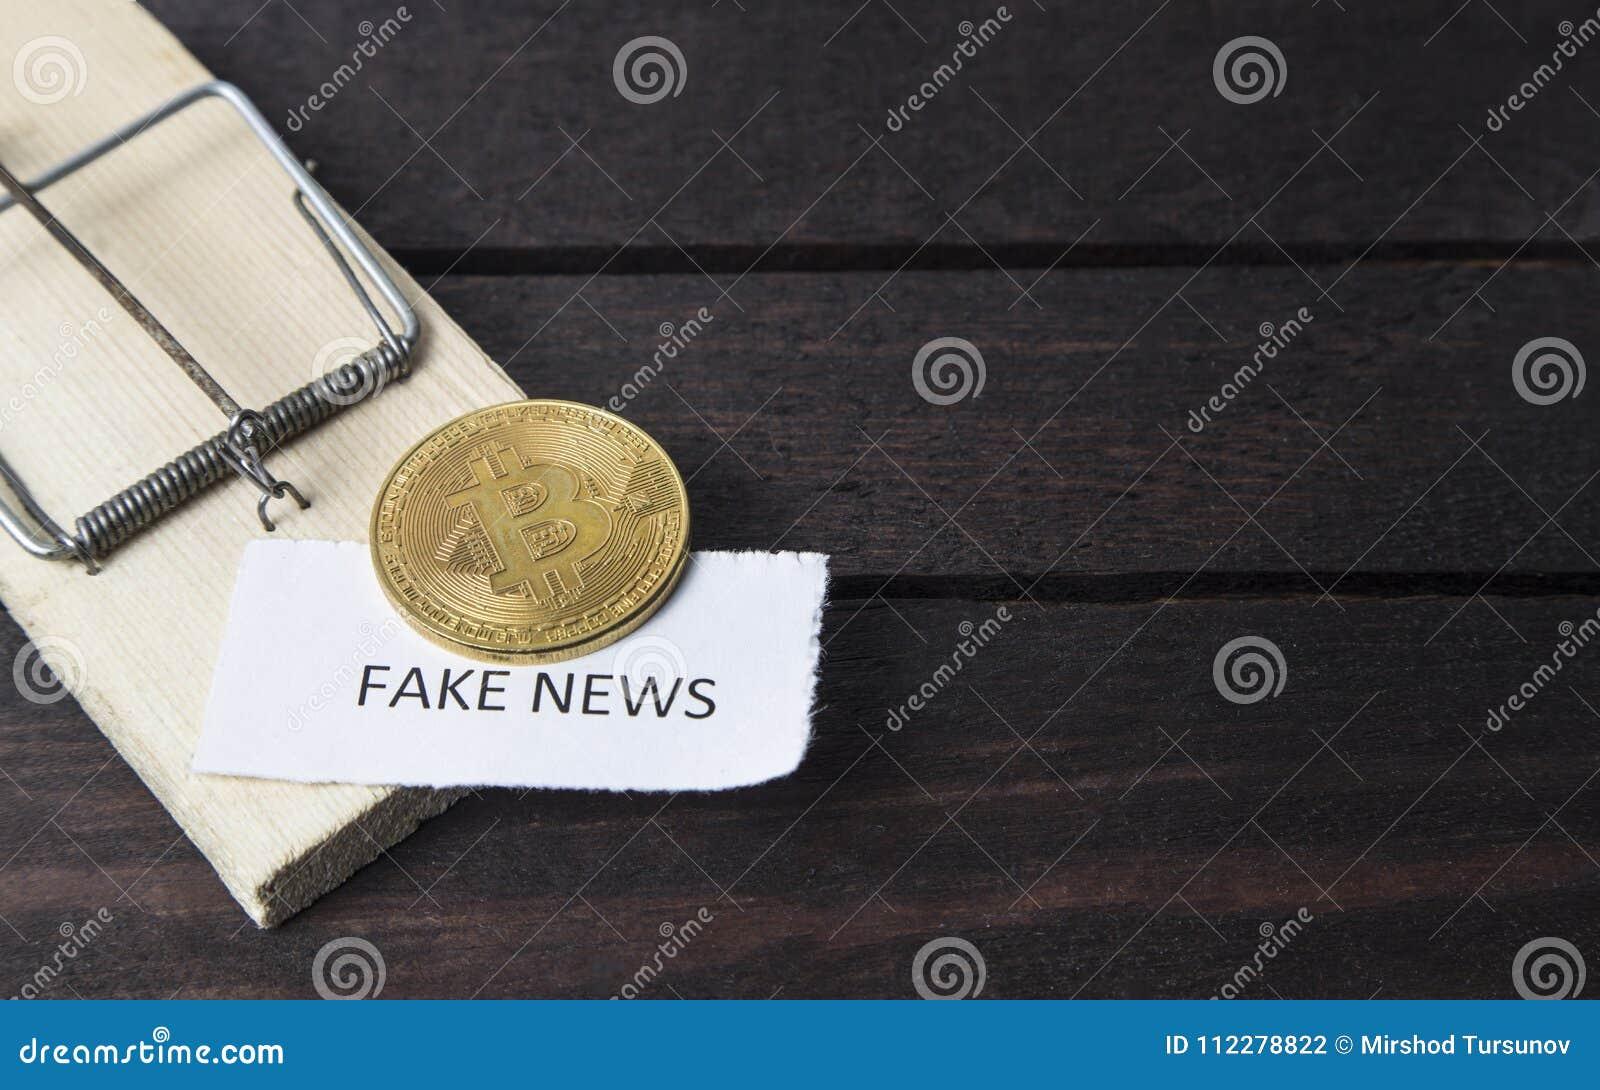 老鼠陷井、bitcoin和词:假新闻